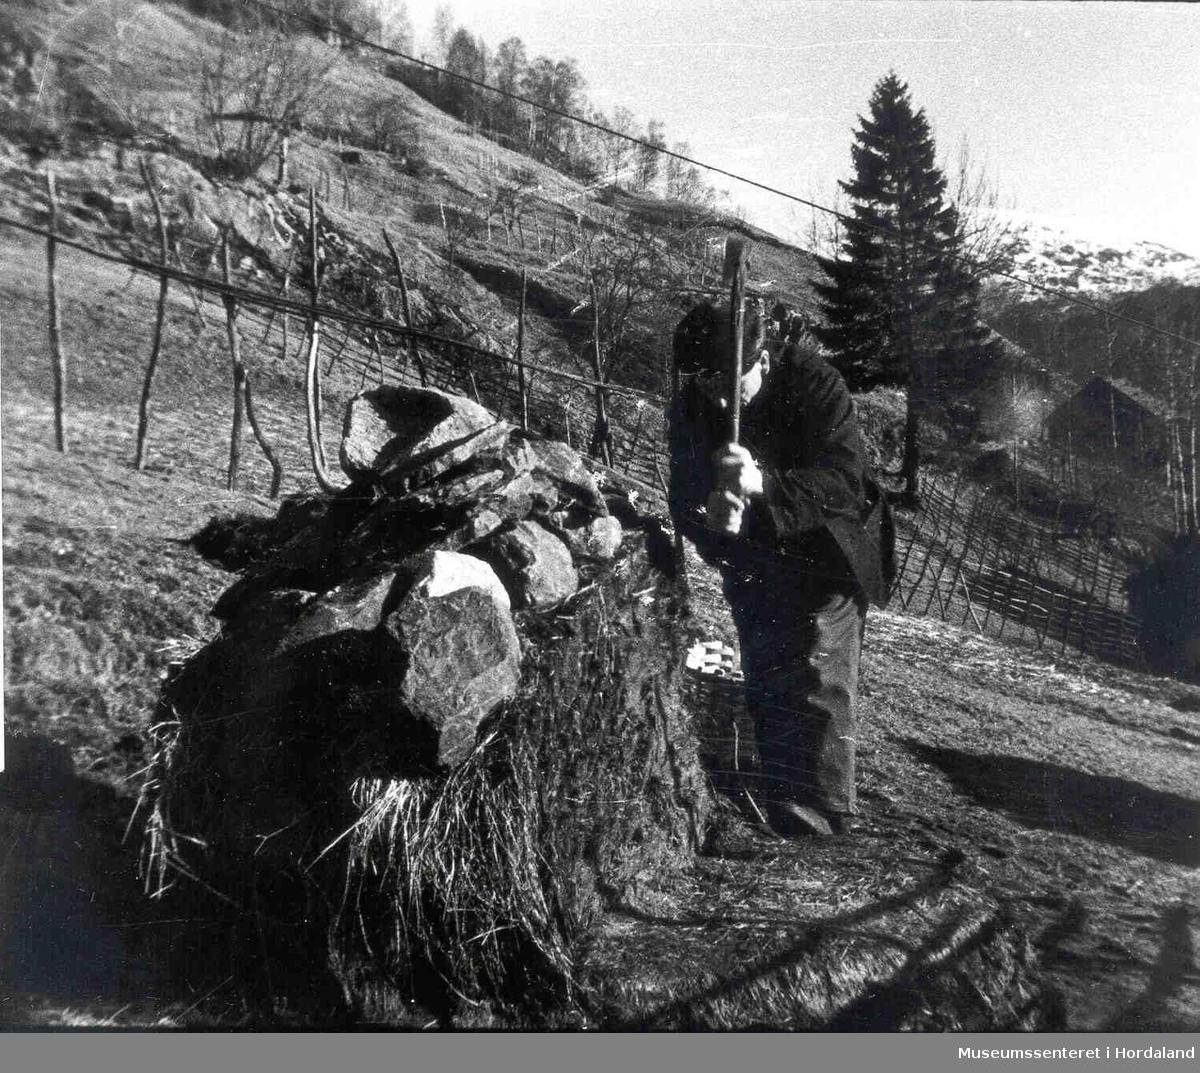 Havrå. Mann som høgg for frå håstakken.Håstakk med stein på. Bratte lier. Hesjer. Fjell med snø i bakgrunnen.  (Foto/Photo)